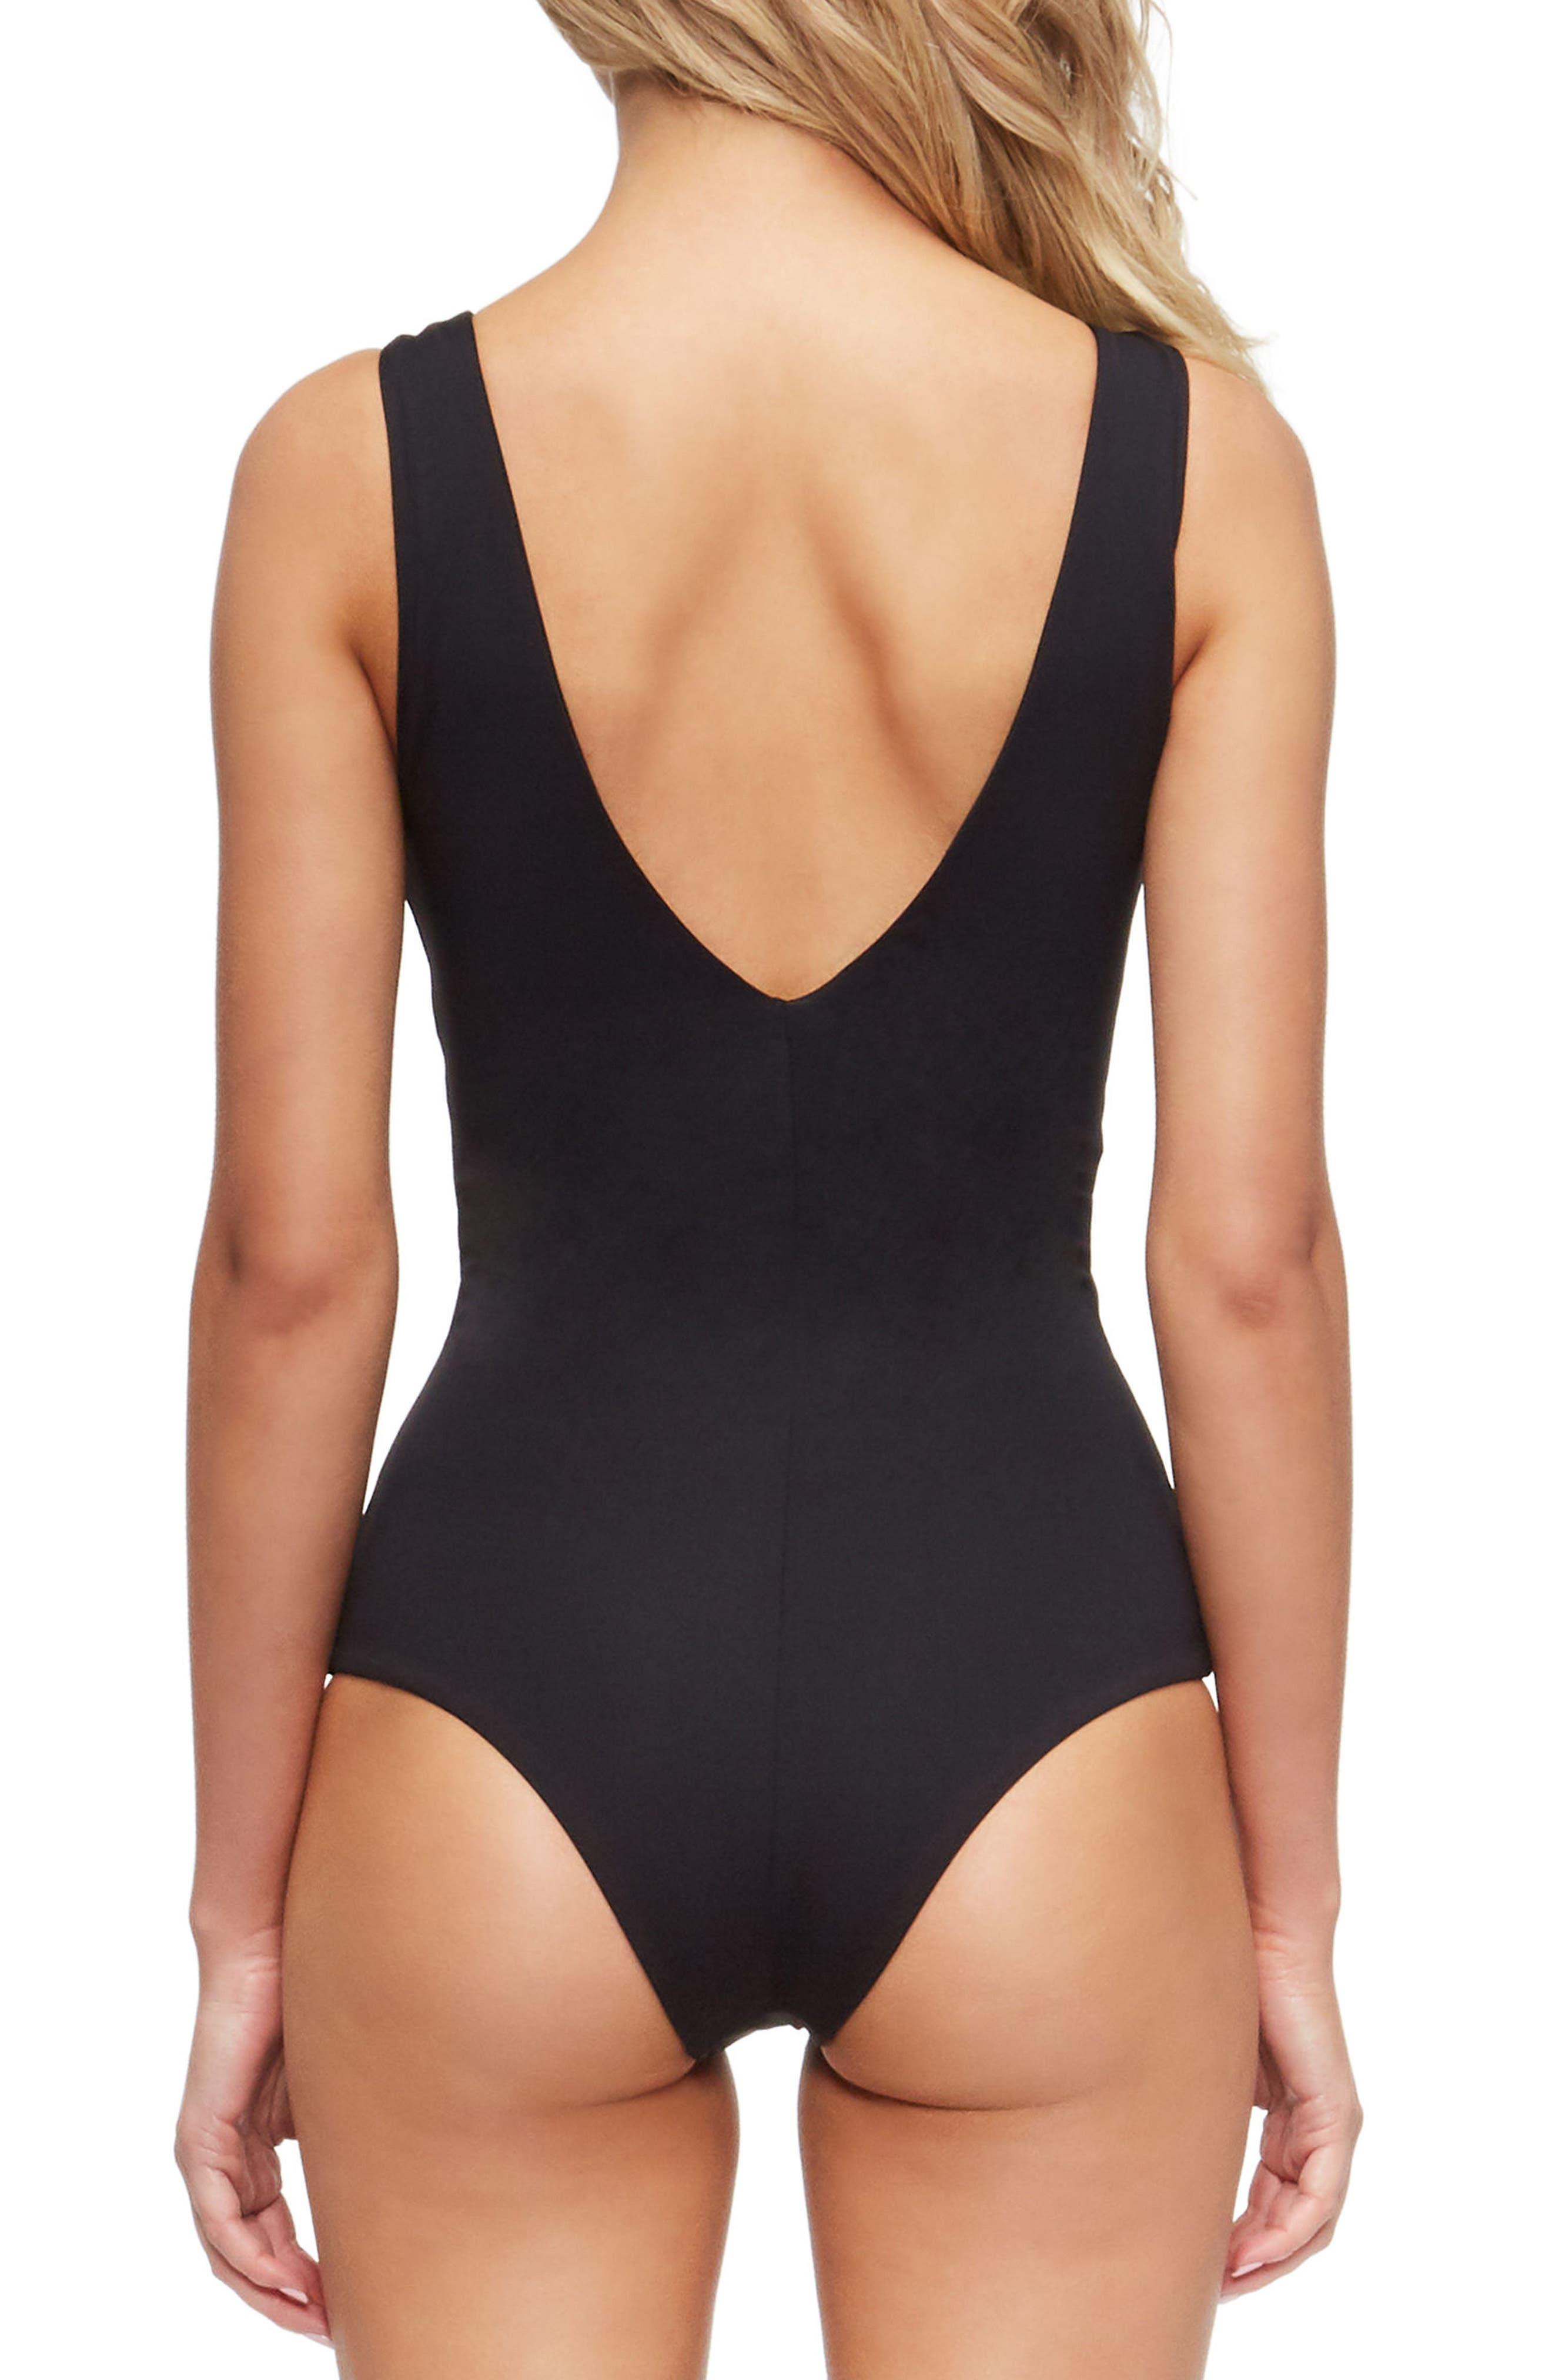 Roan One-Piece Swimsuit,                             Alternate thumbnail 2, color,                             Black